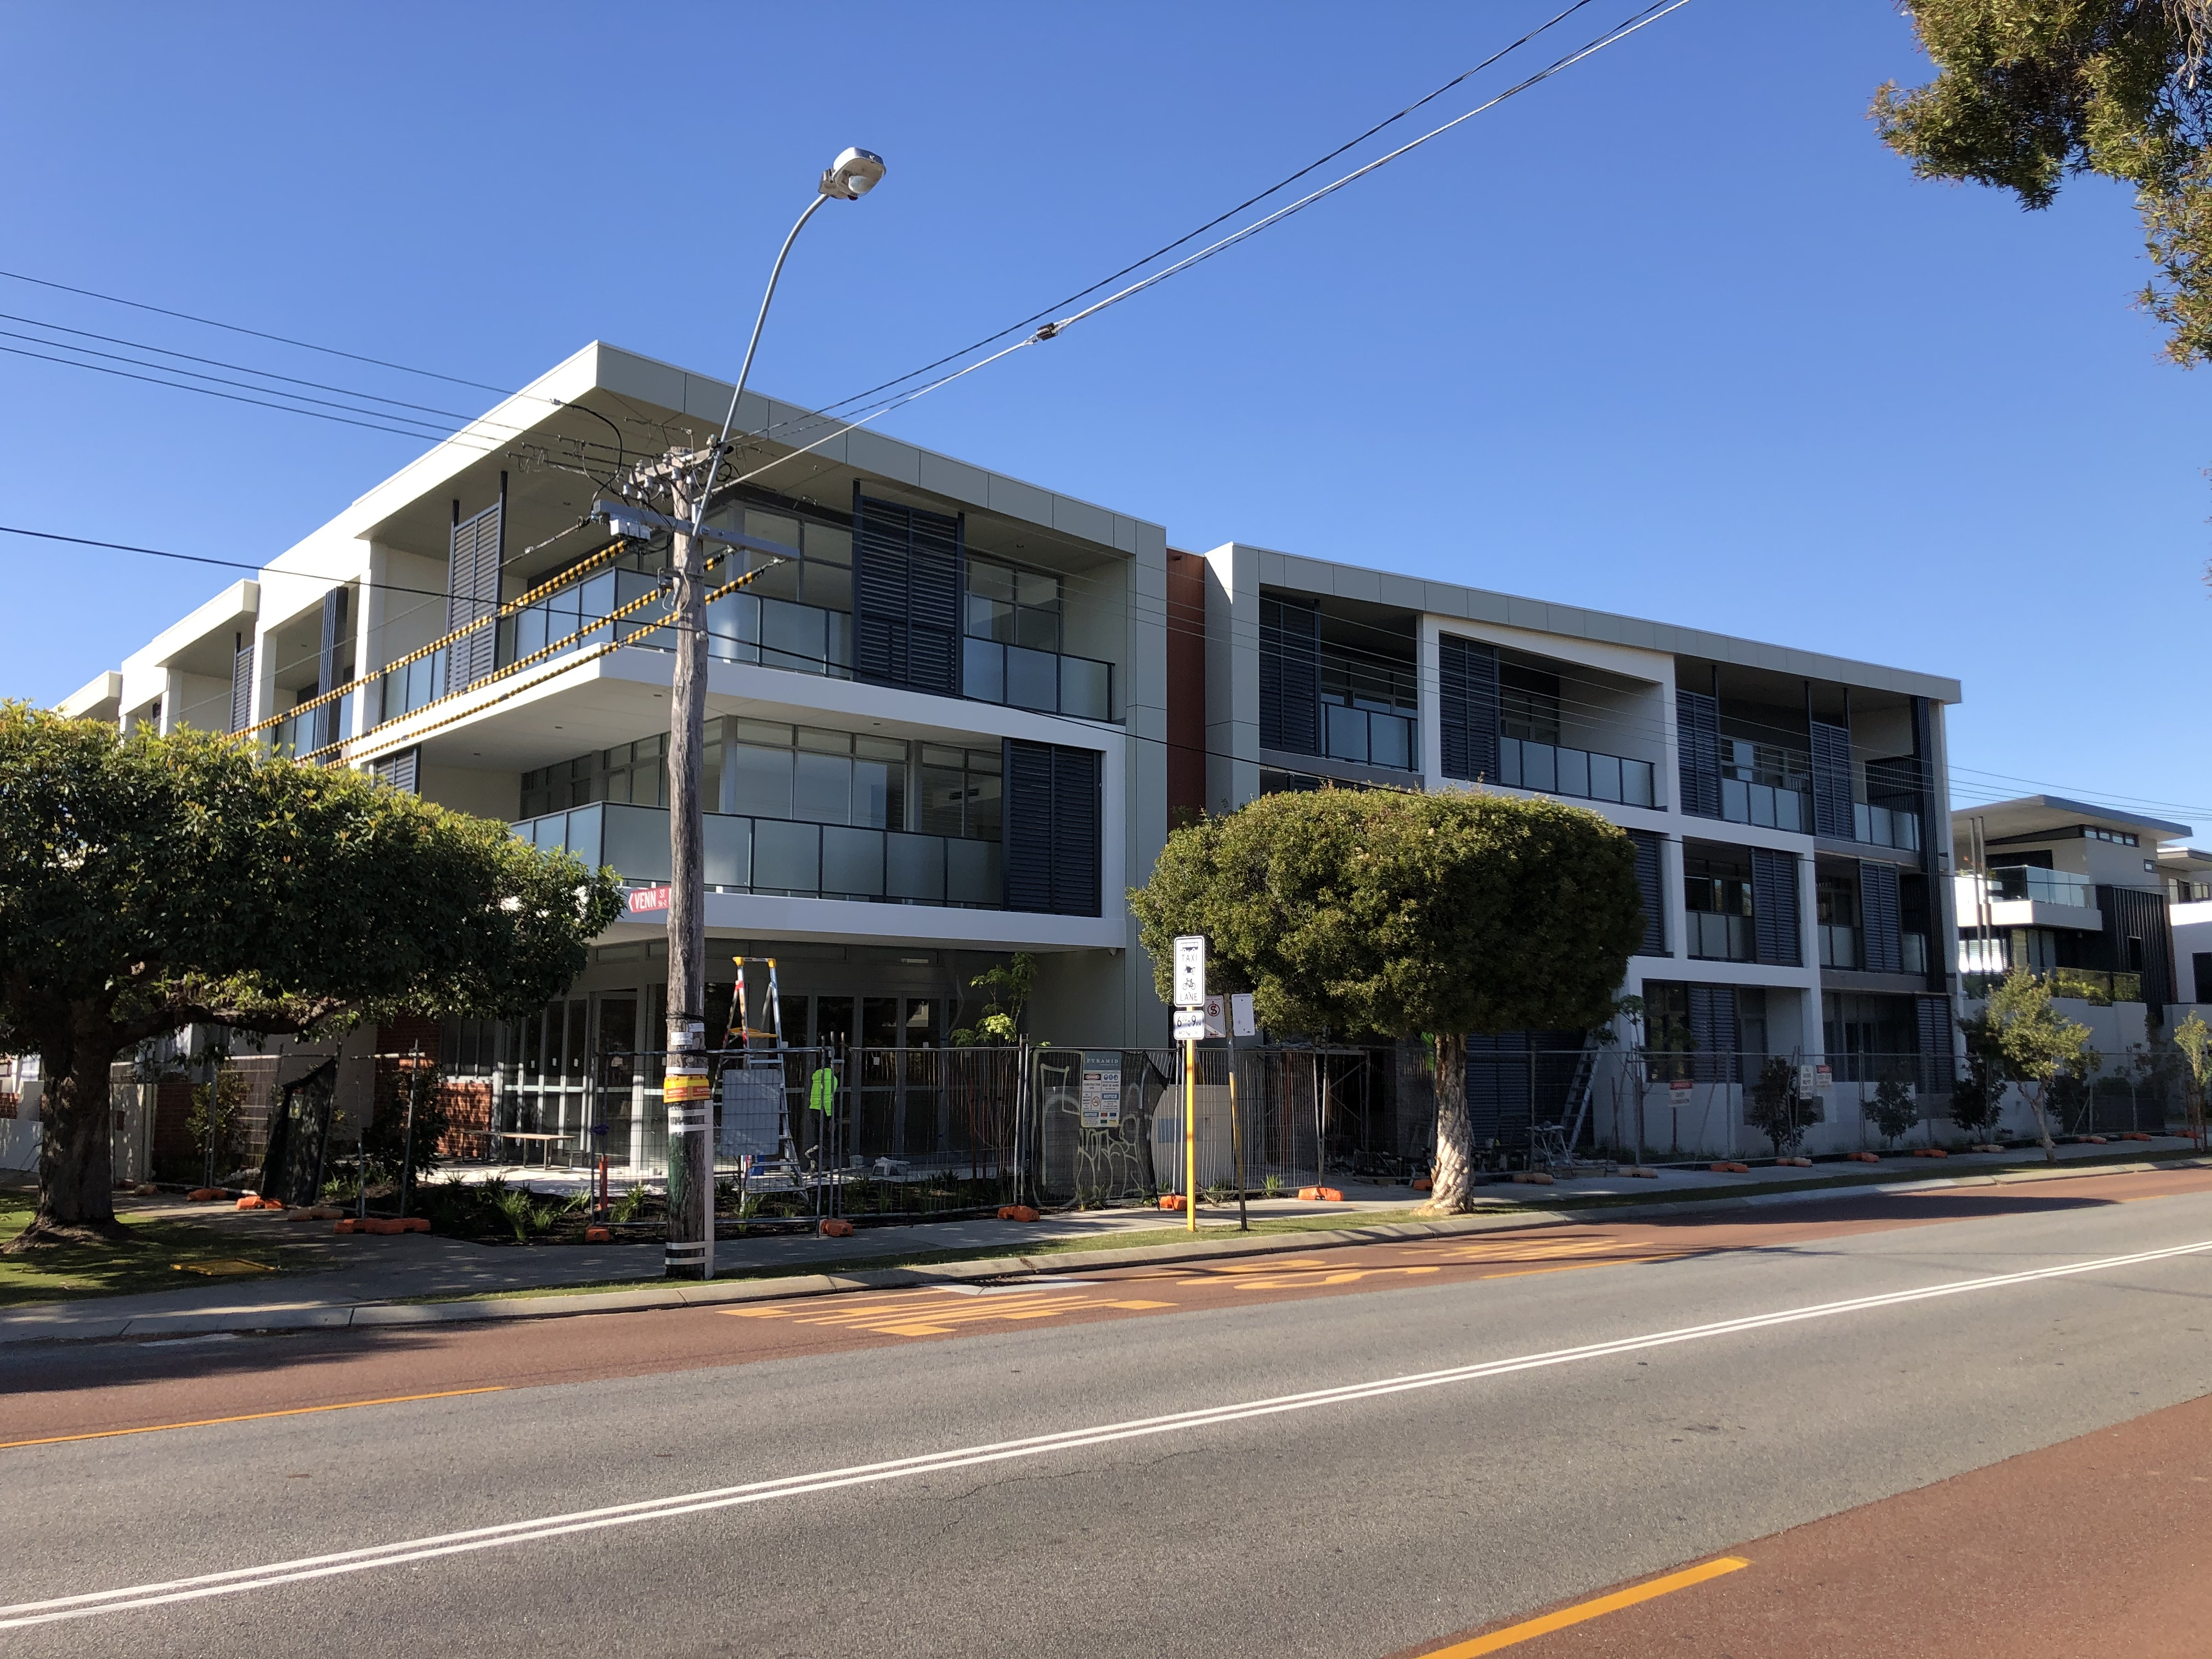 Fitzgerald Street Apartments